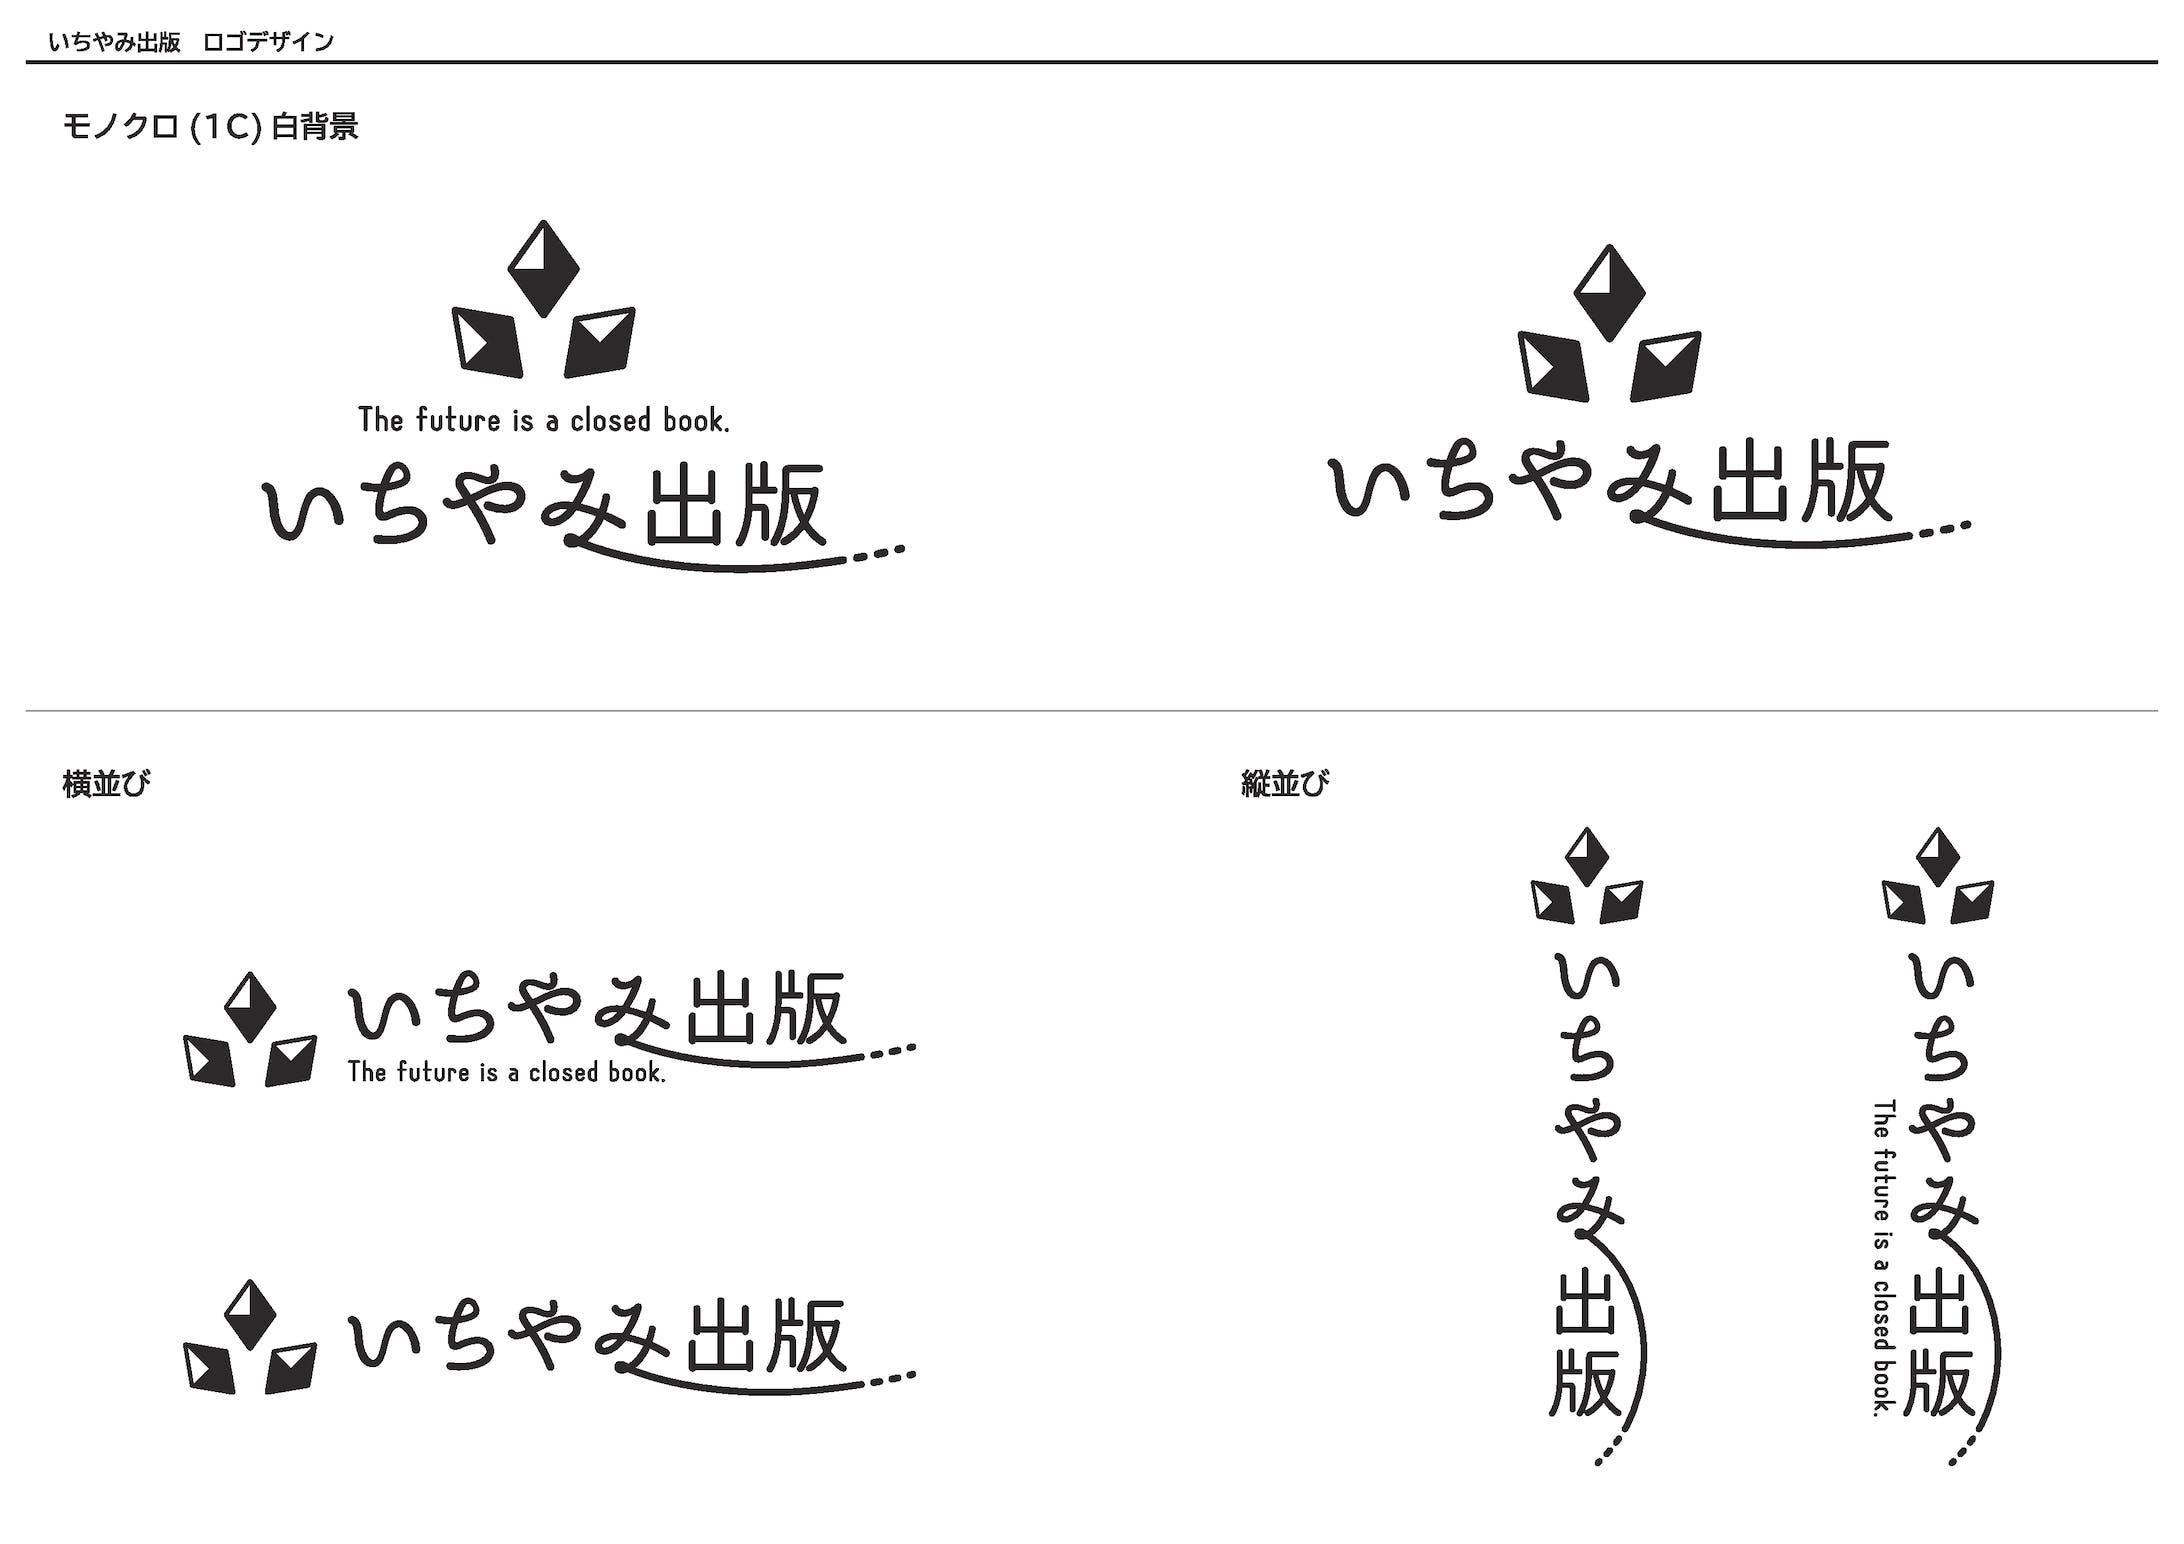 ロゴデザイン【いちやみ出版】-4